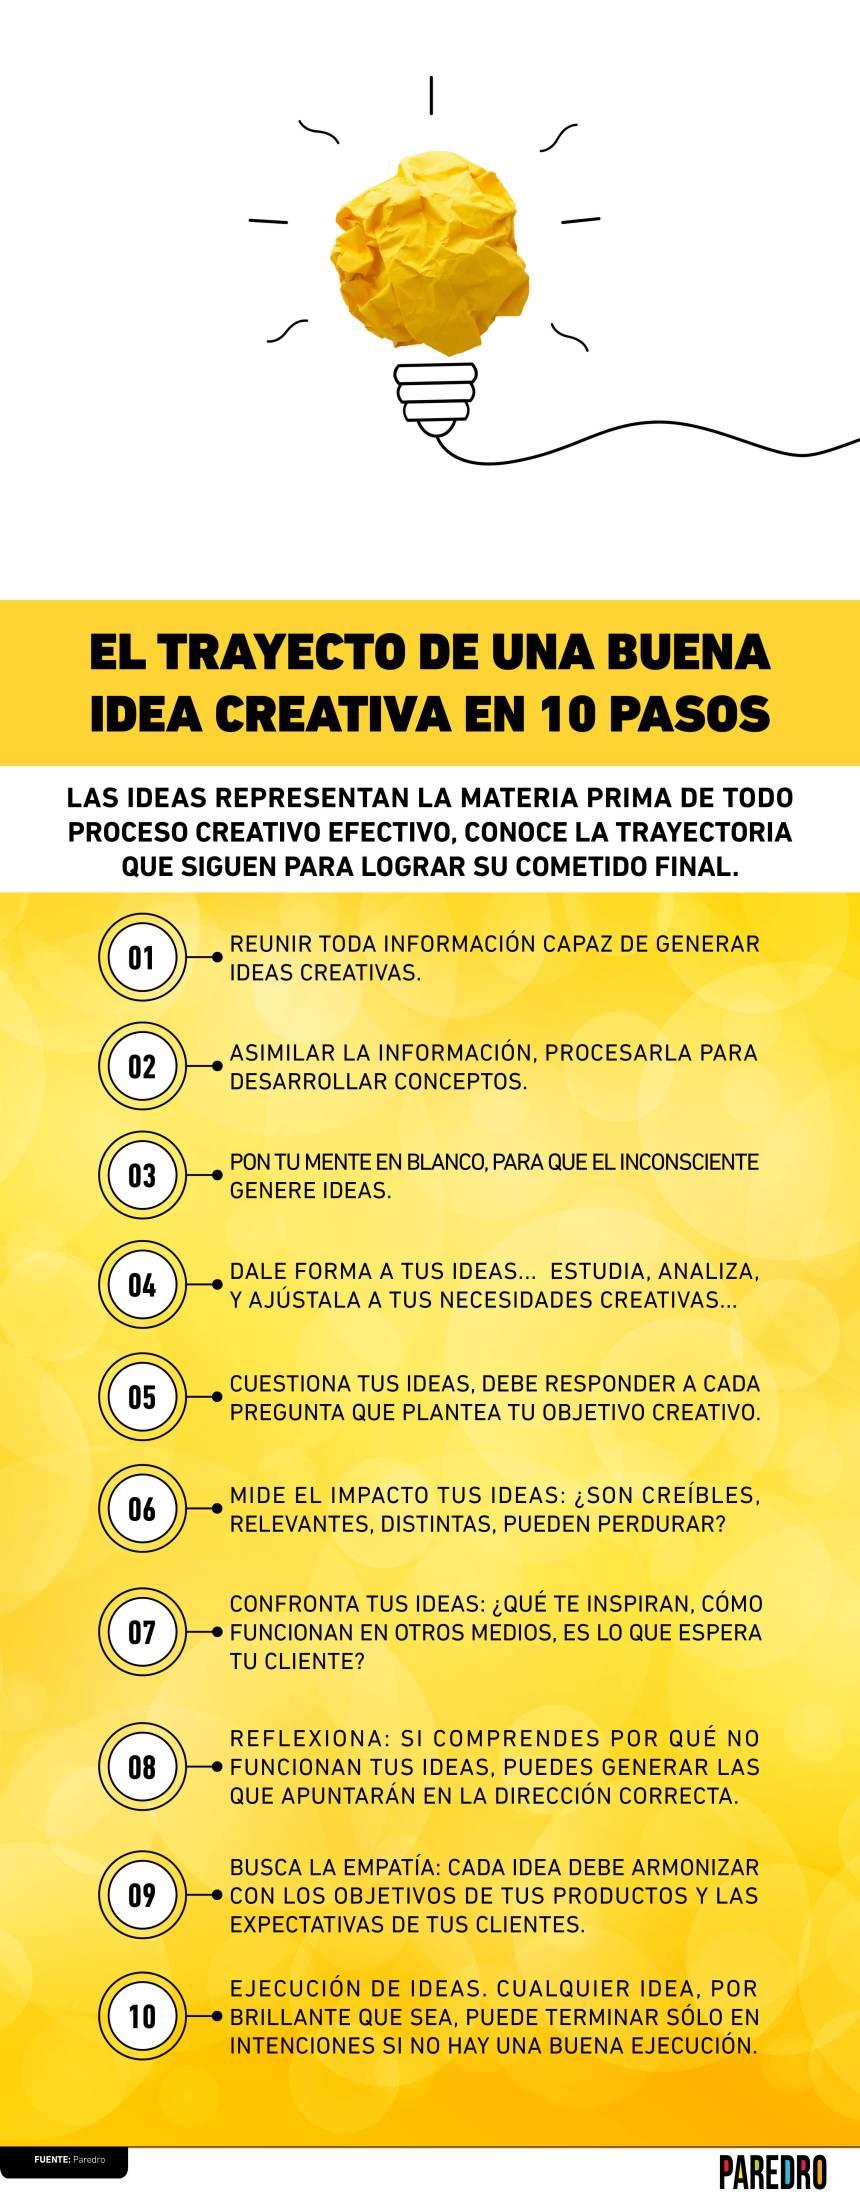 El trayecto de una buena idea creativa en 10 pasos #infografia #creatividad